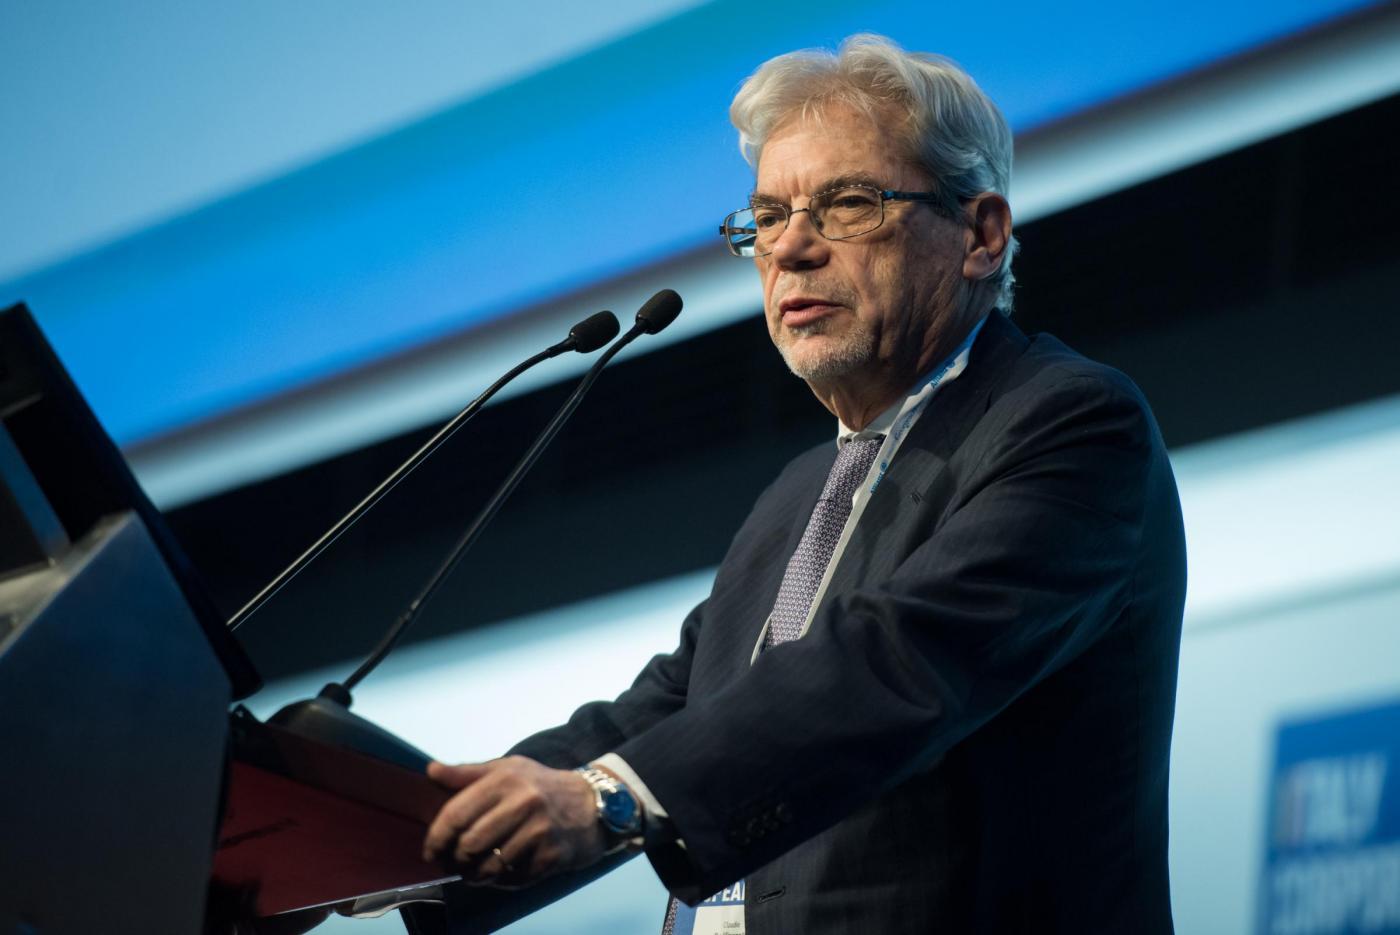 Chi è Claudio De Vincenti, ministro del Mezzogiorno del nuovo governo Gentiloni